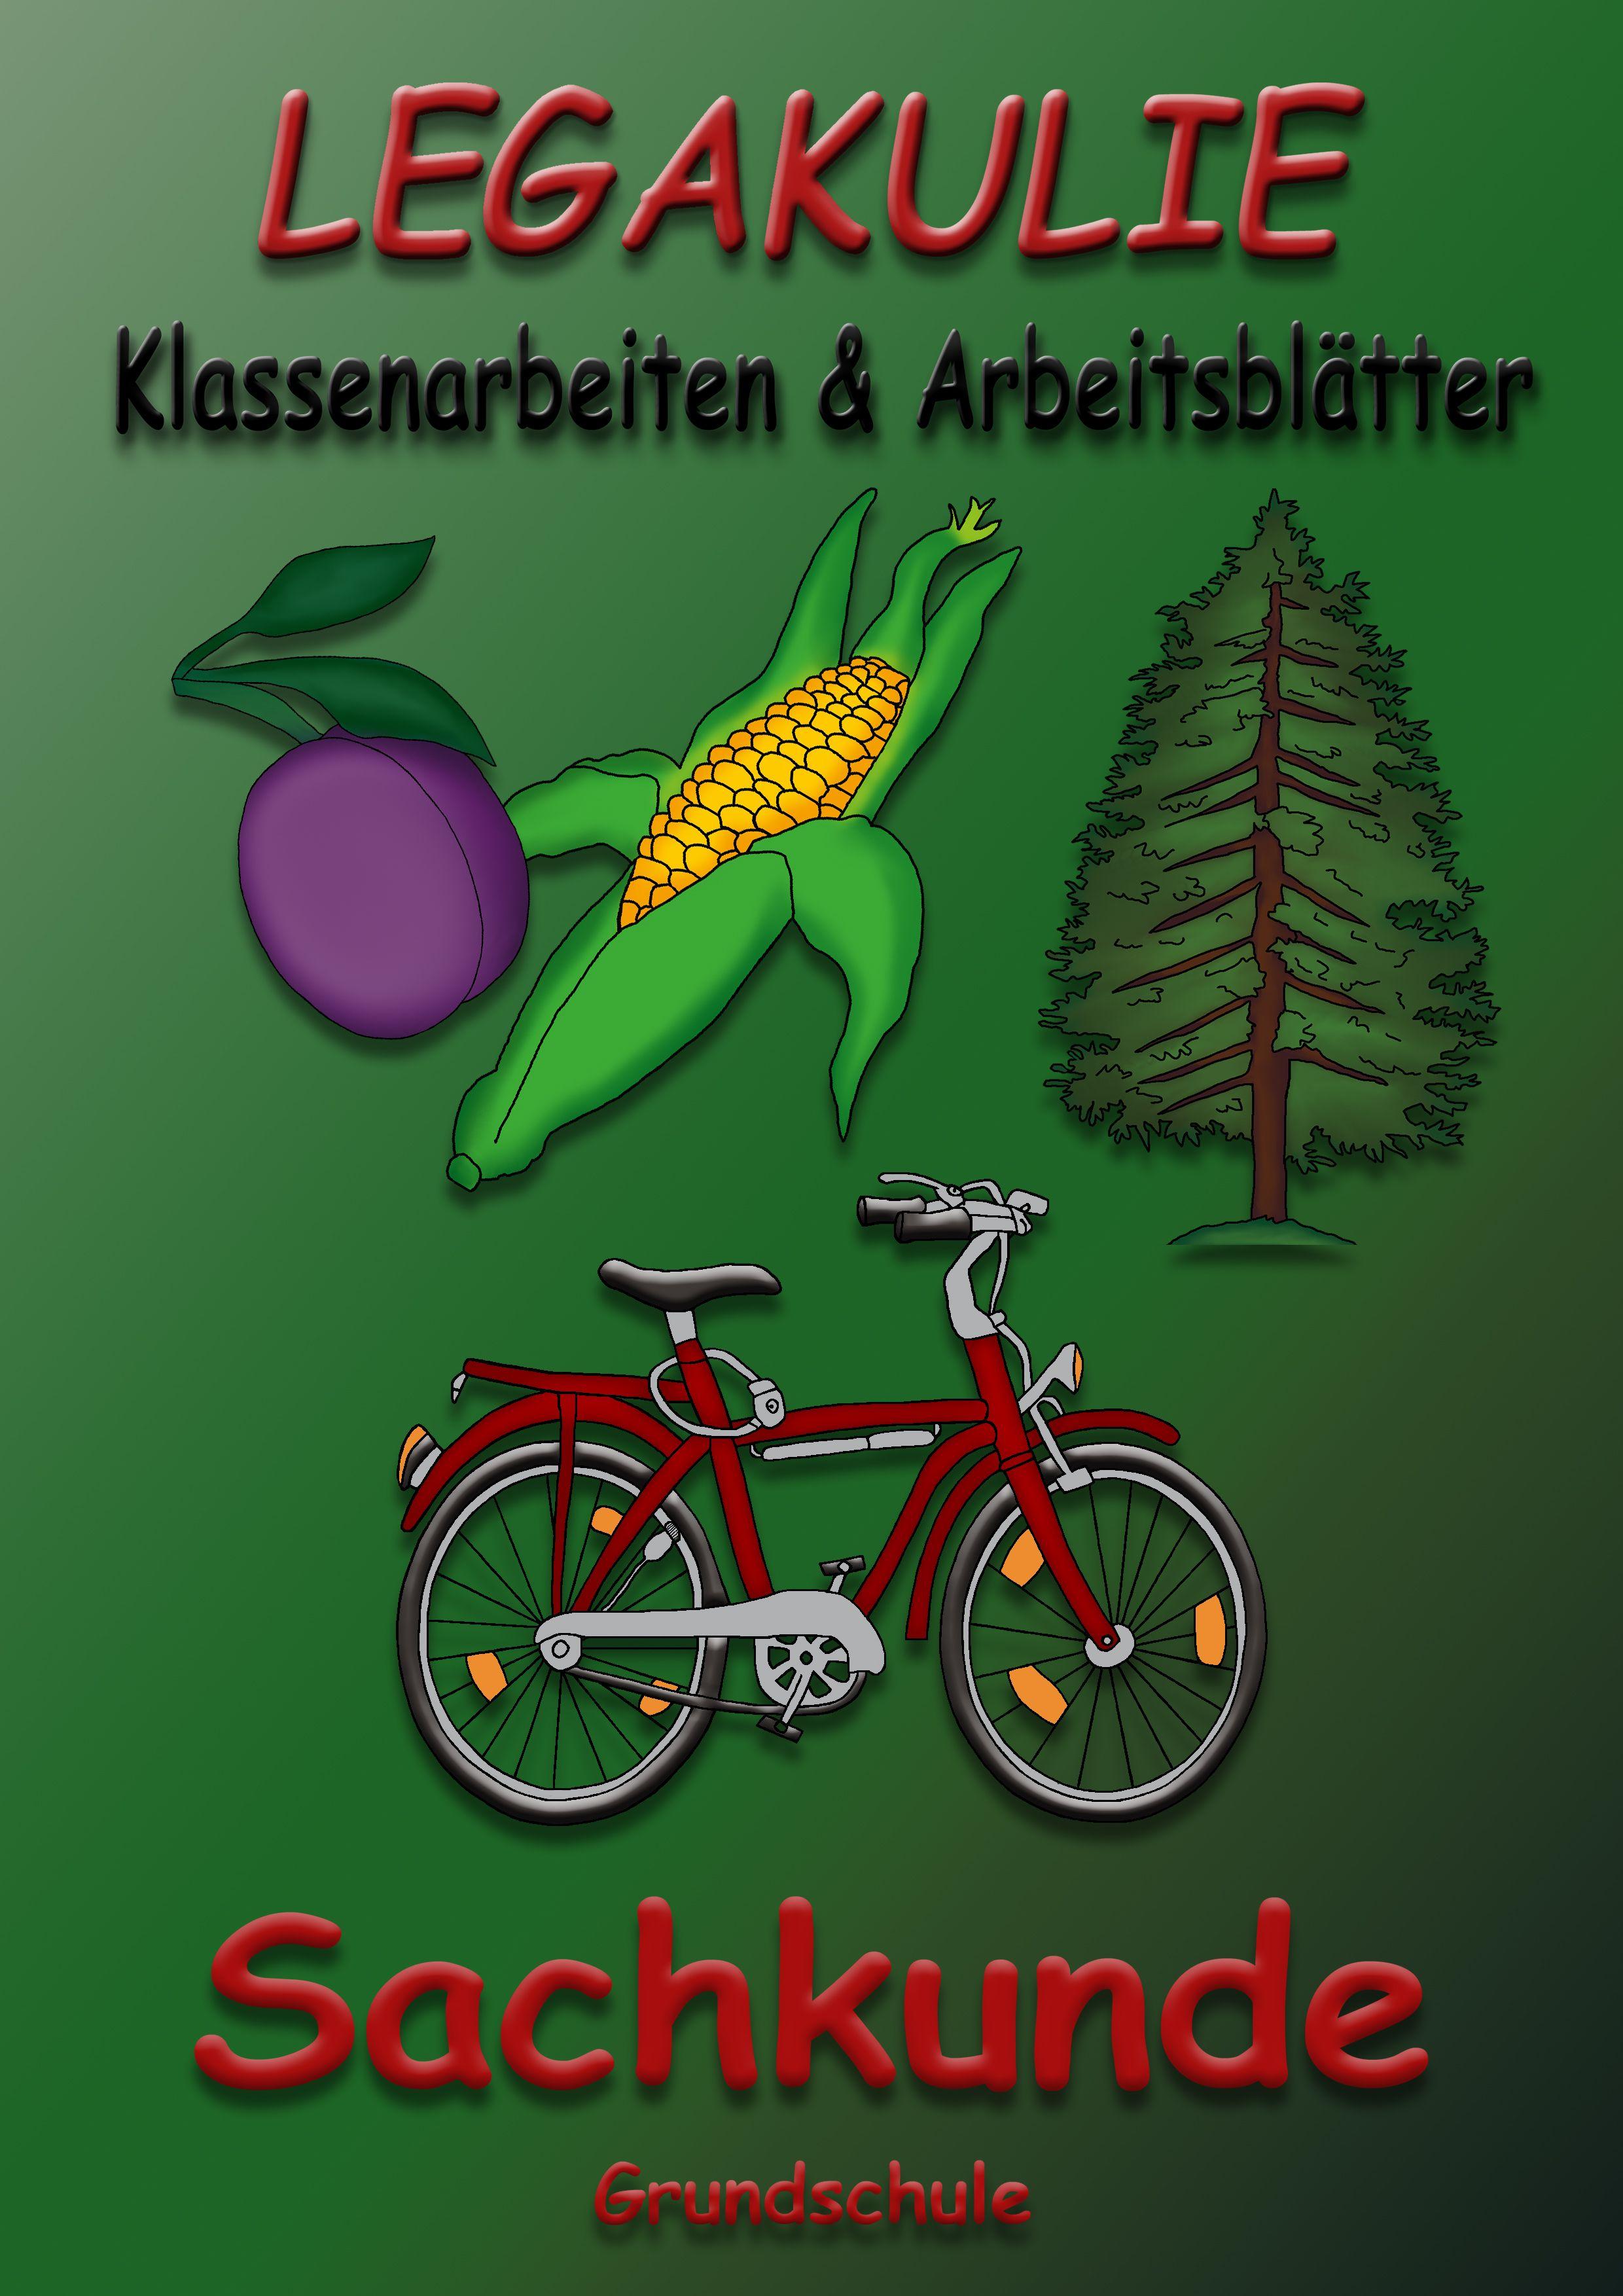 Sachkunde #Arbeitsblatt #Klassenarbeit #PDF Die Arbeitsblätter und ...